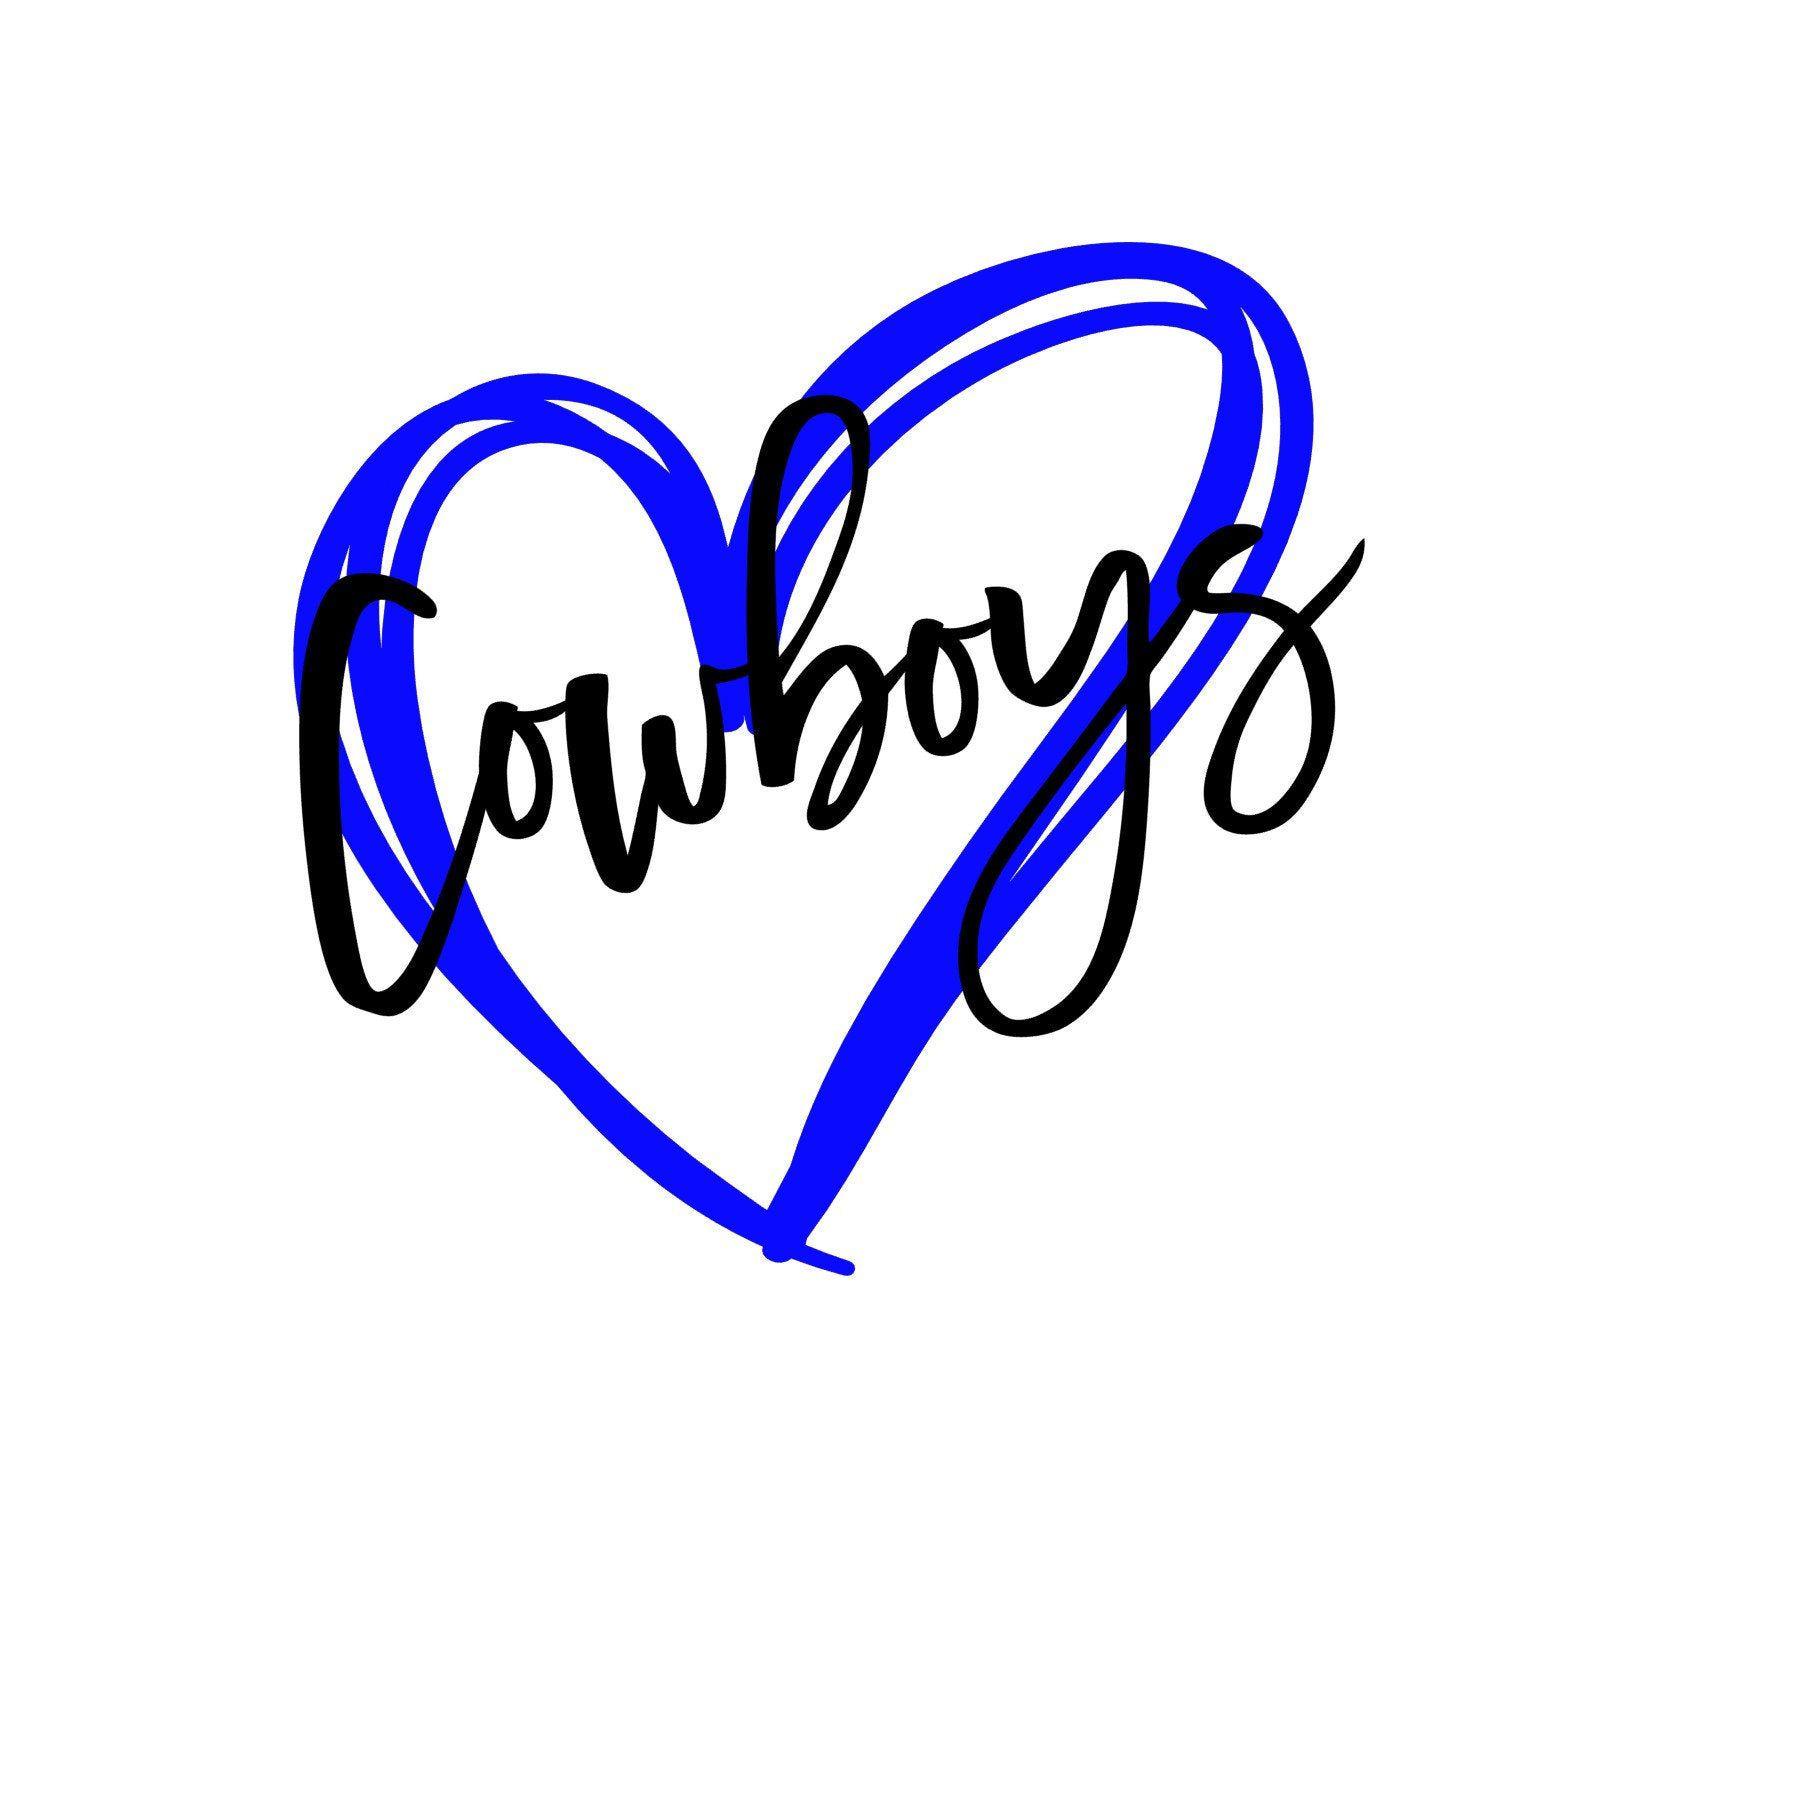 Cowboys Heart SVG Cowboys, Dallas cowboys, Etsy